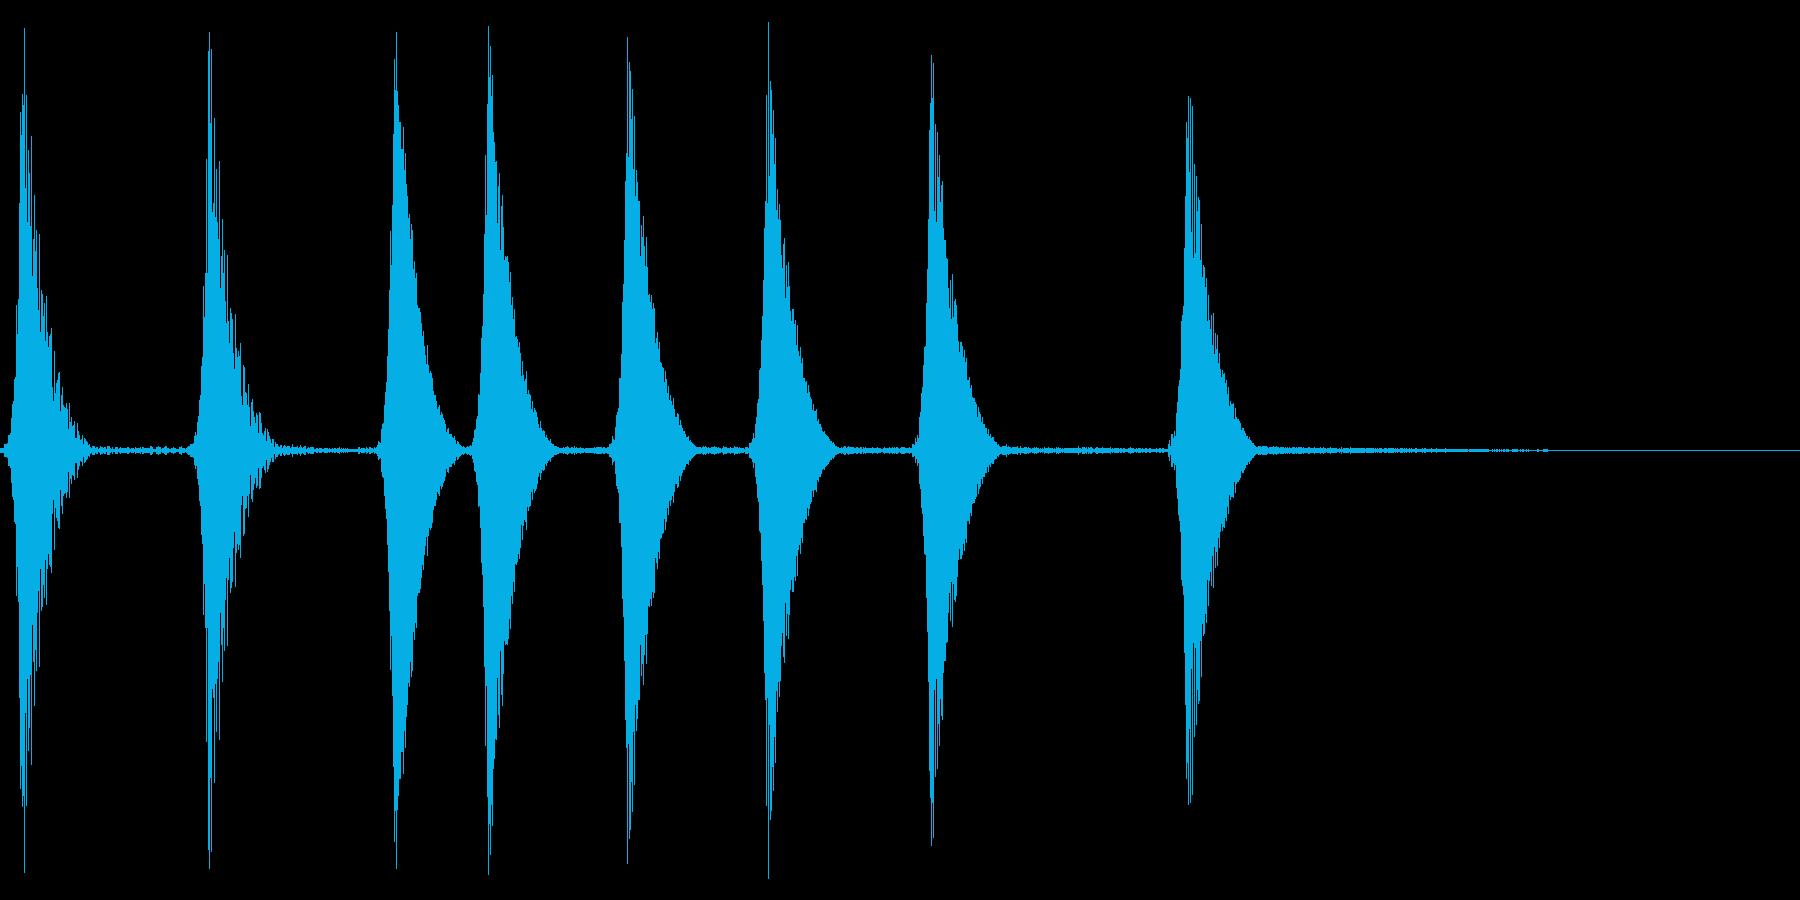 コロコロ。場面転換・めくる音(下降)の再生済みの波形